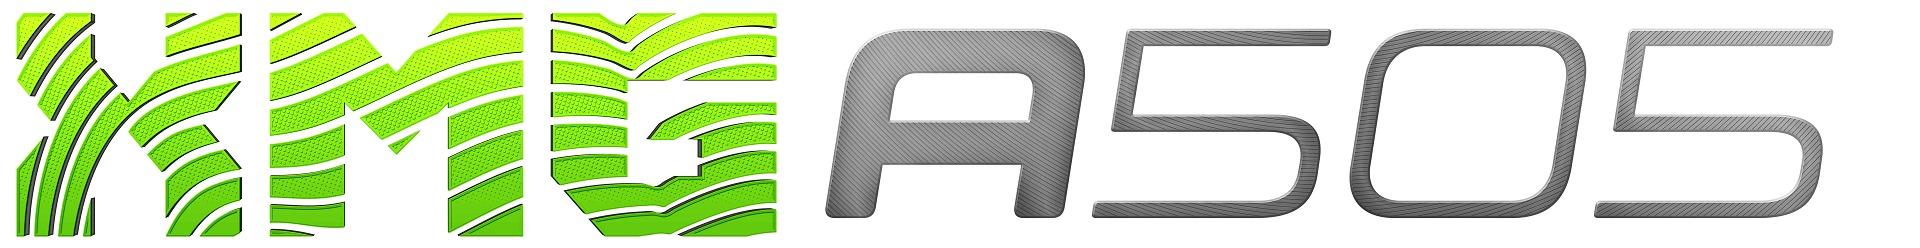 Logo_XMG_A505_BRUSHED_PRINT